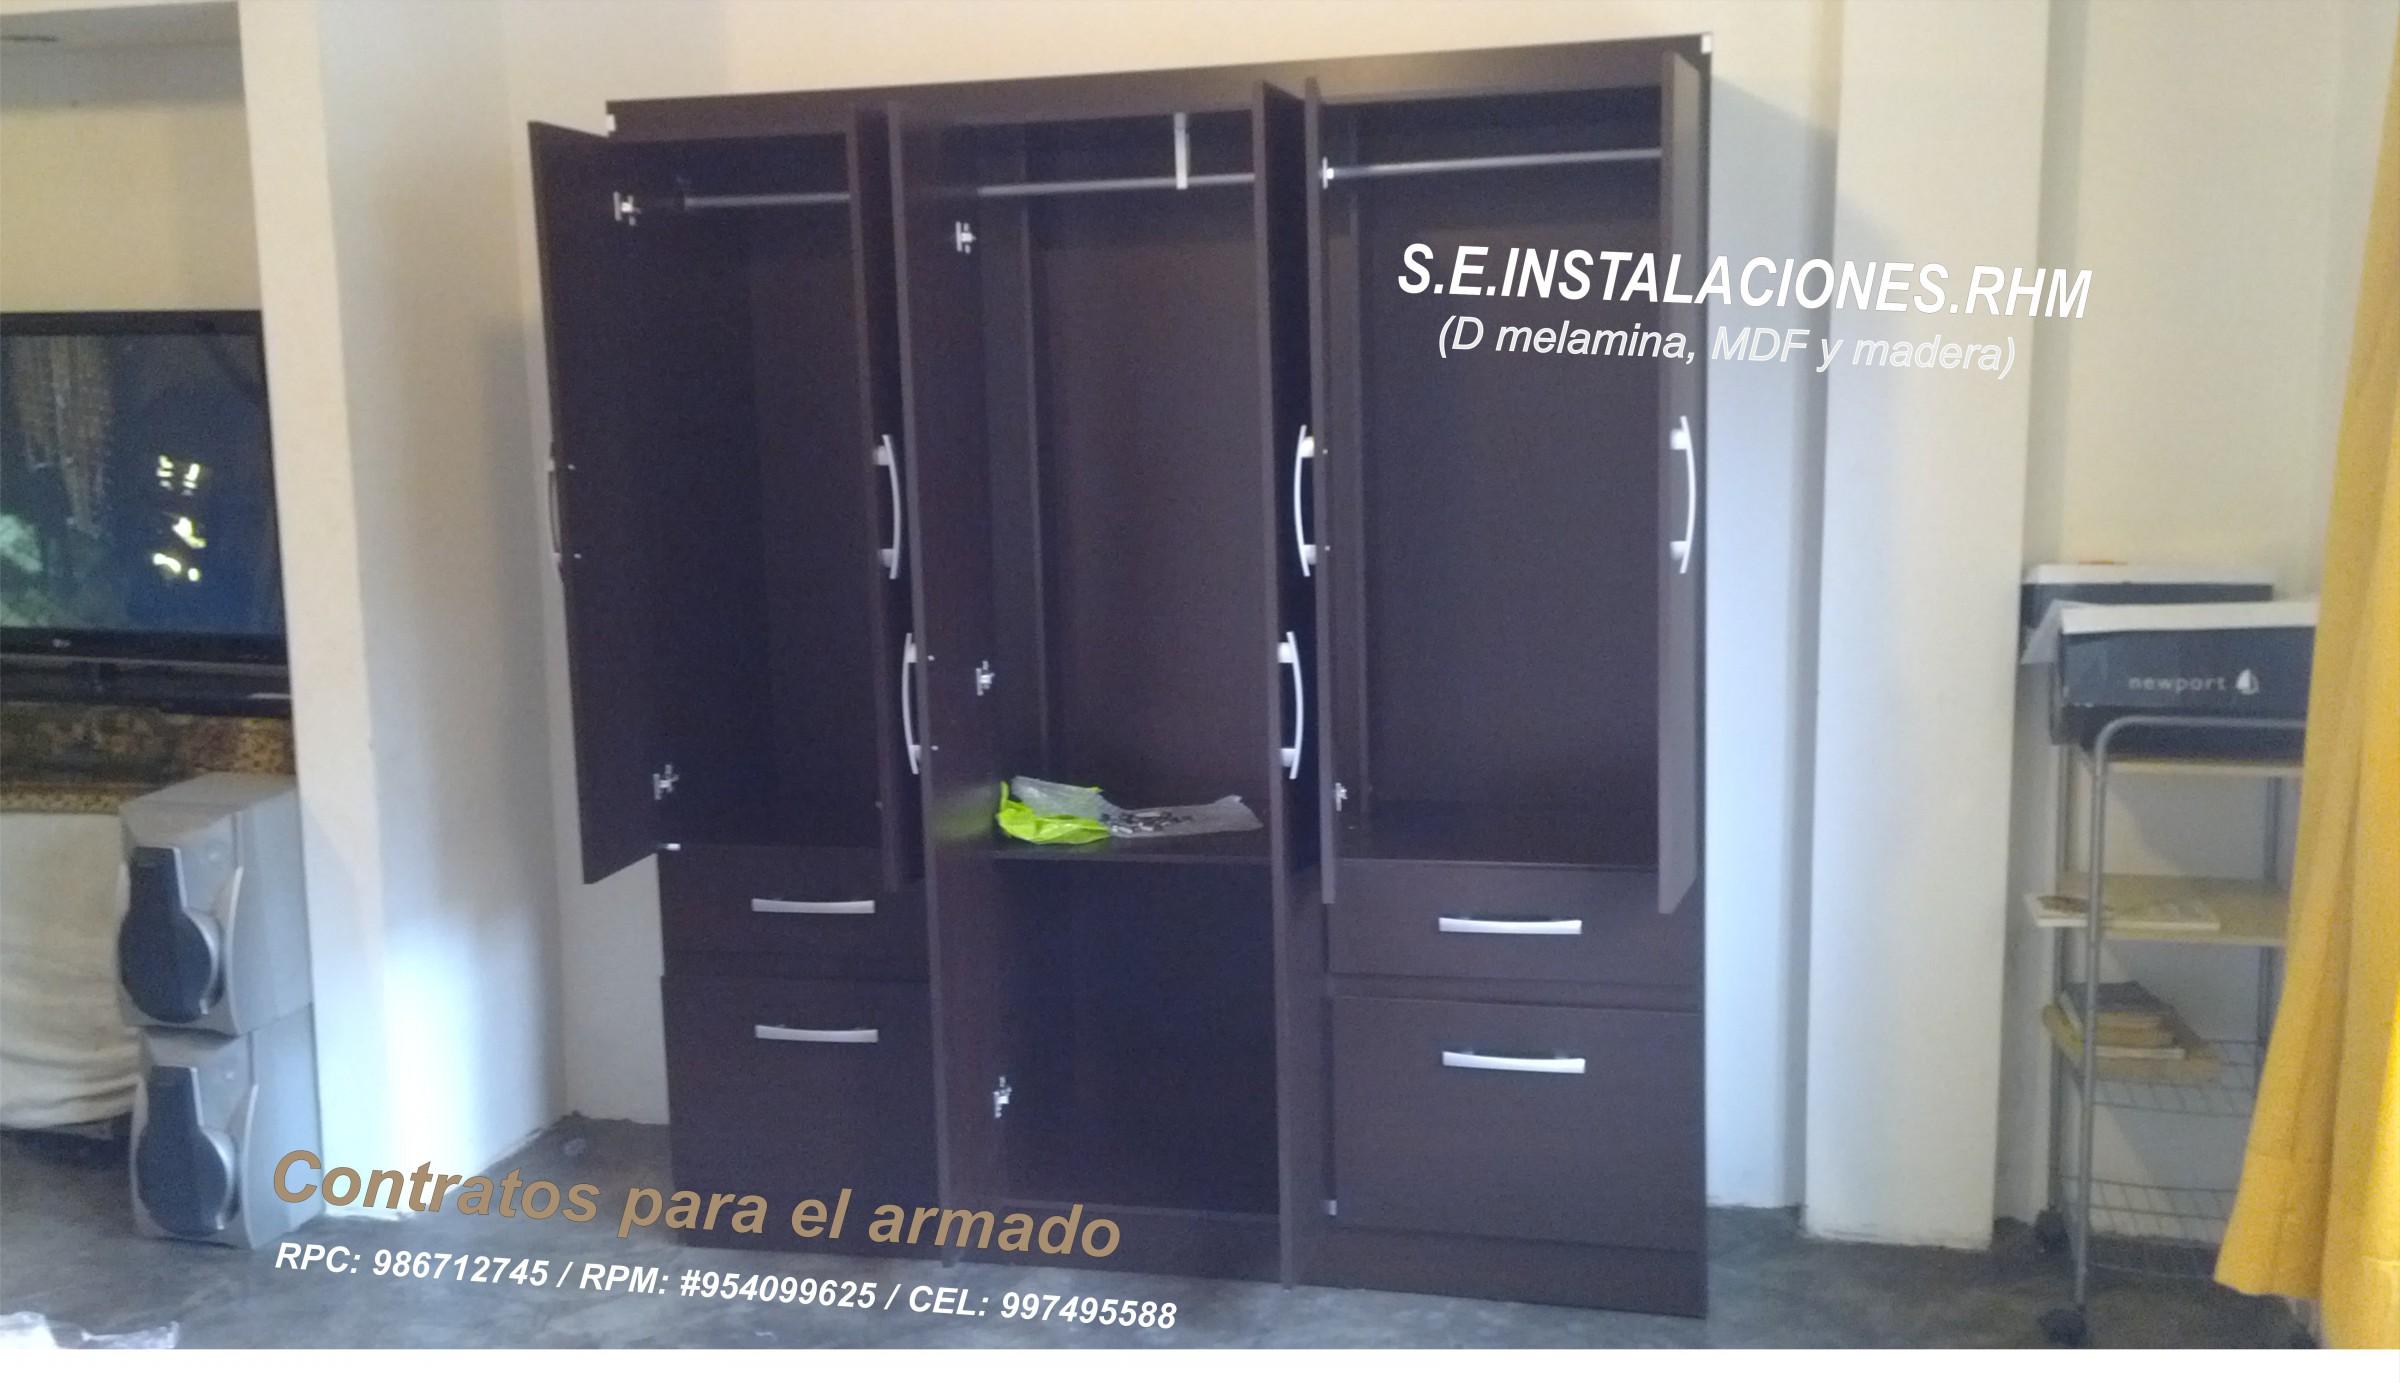 Armado De Muebles De Las Tiendas Sodimac Lima Metropolitana1 Jpg  # Muebles Plaza Vea